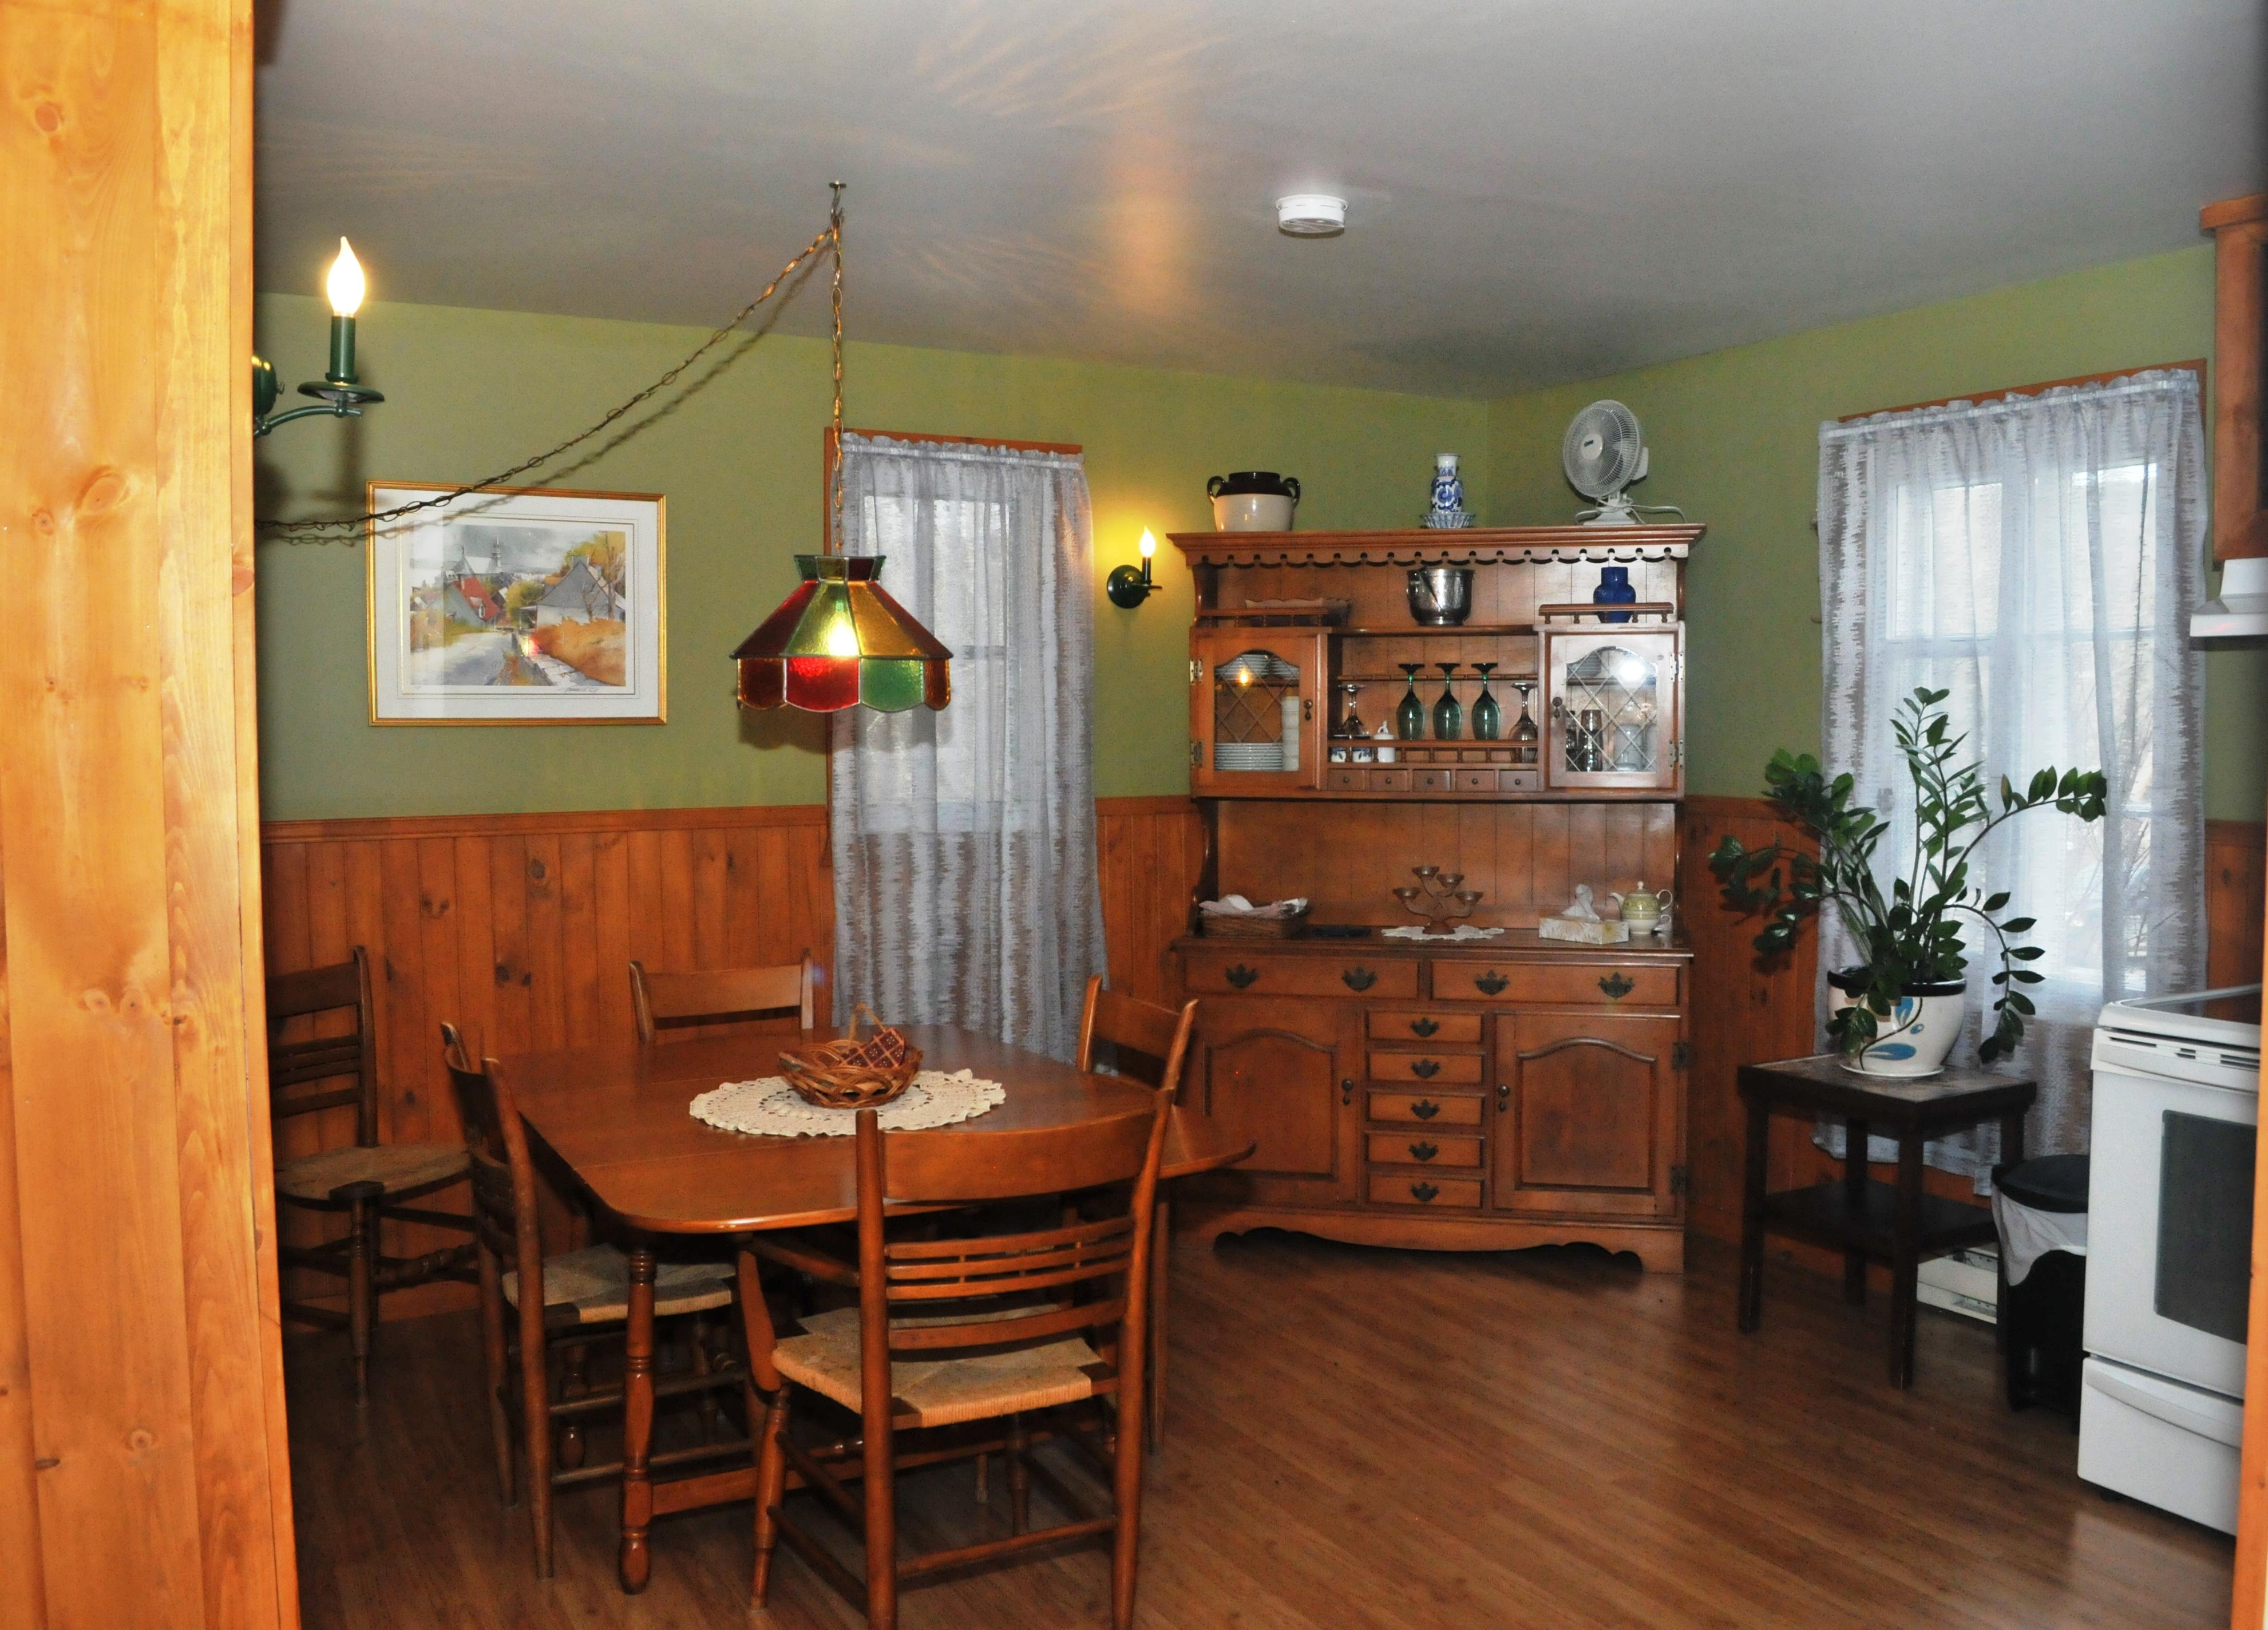 Cuisine et salle à manger1